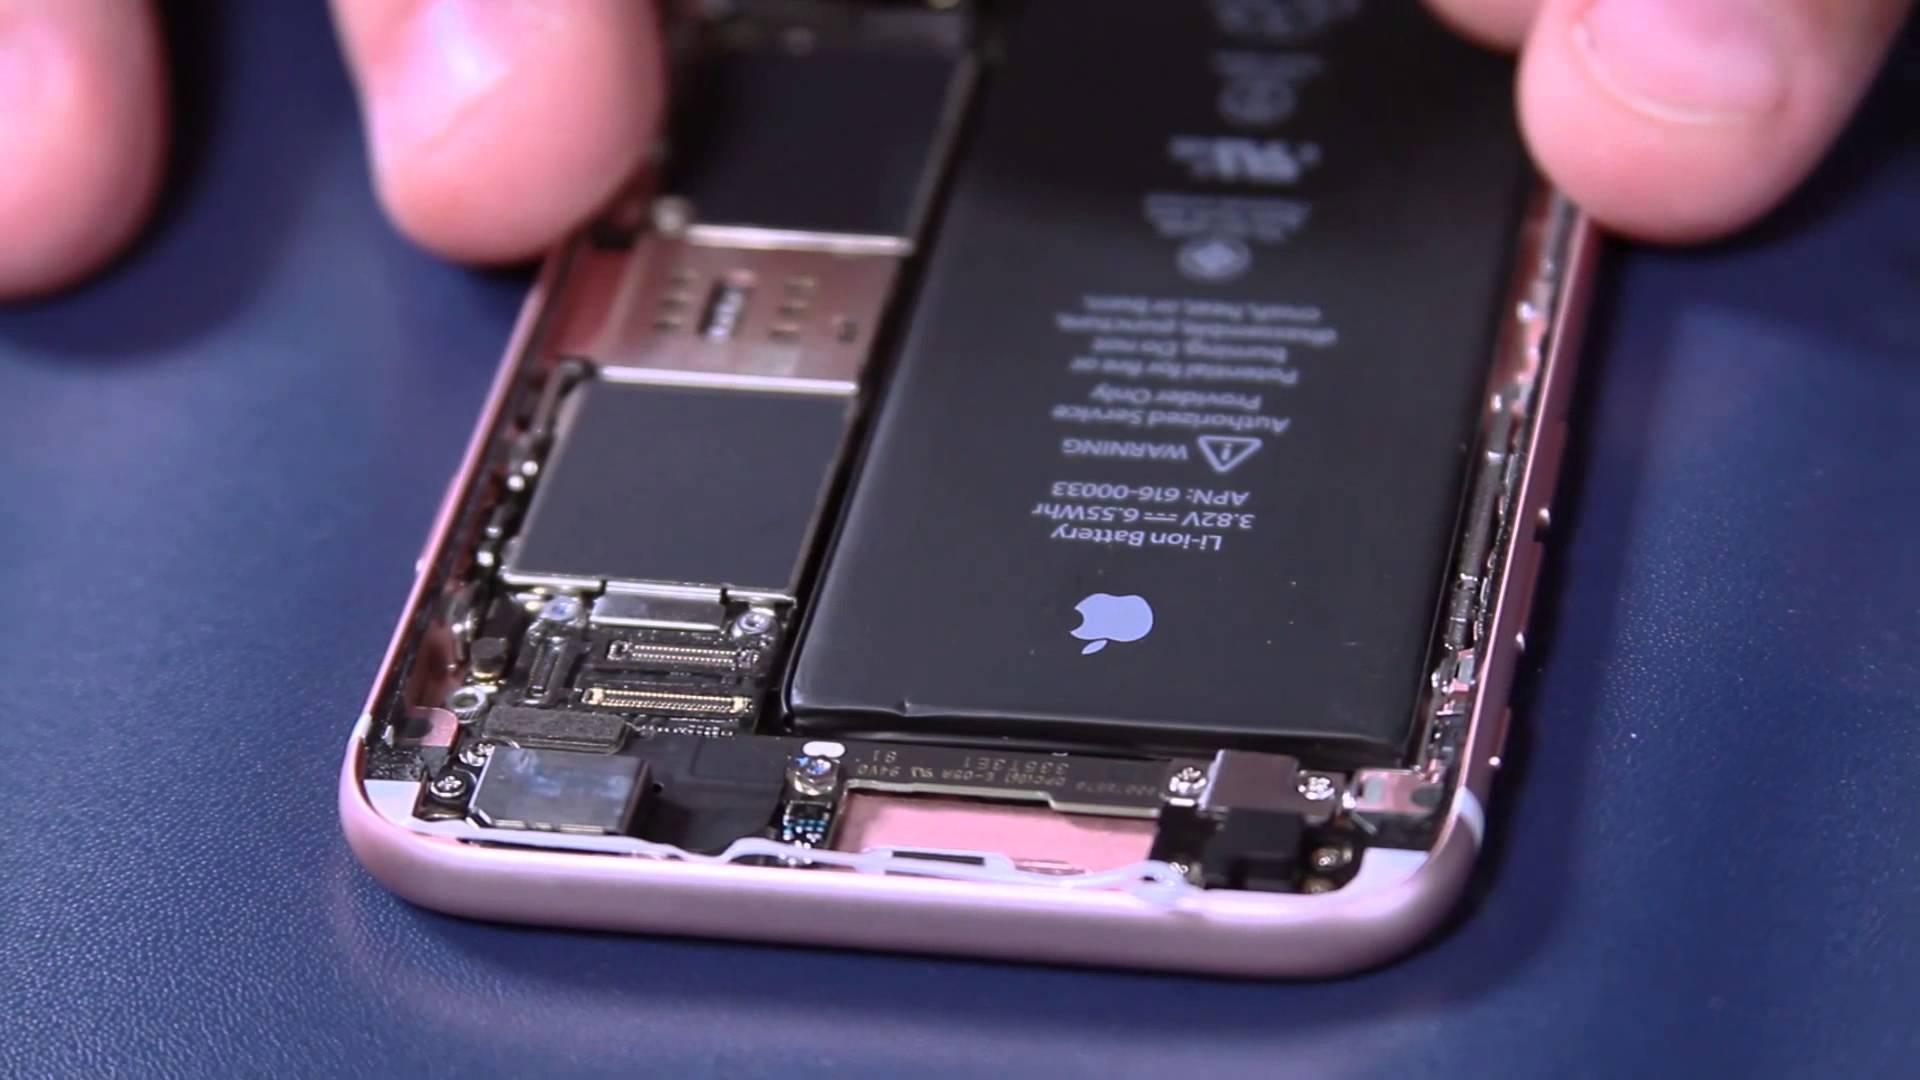 分析师:如果 iPhone全在组装. 至少涨价 20%